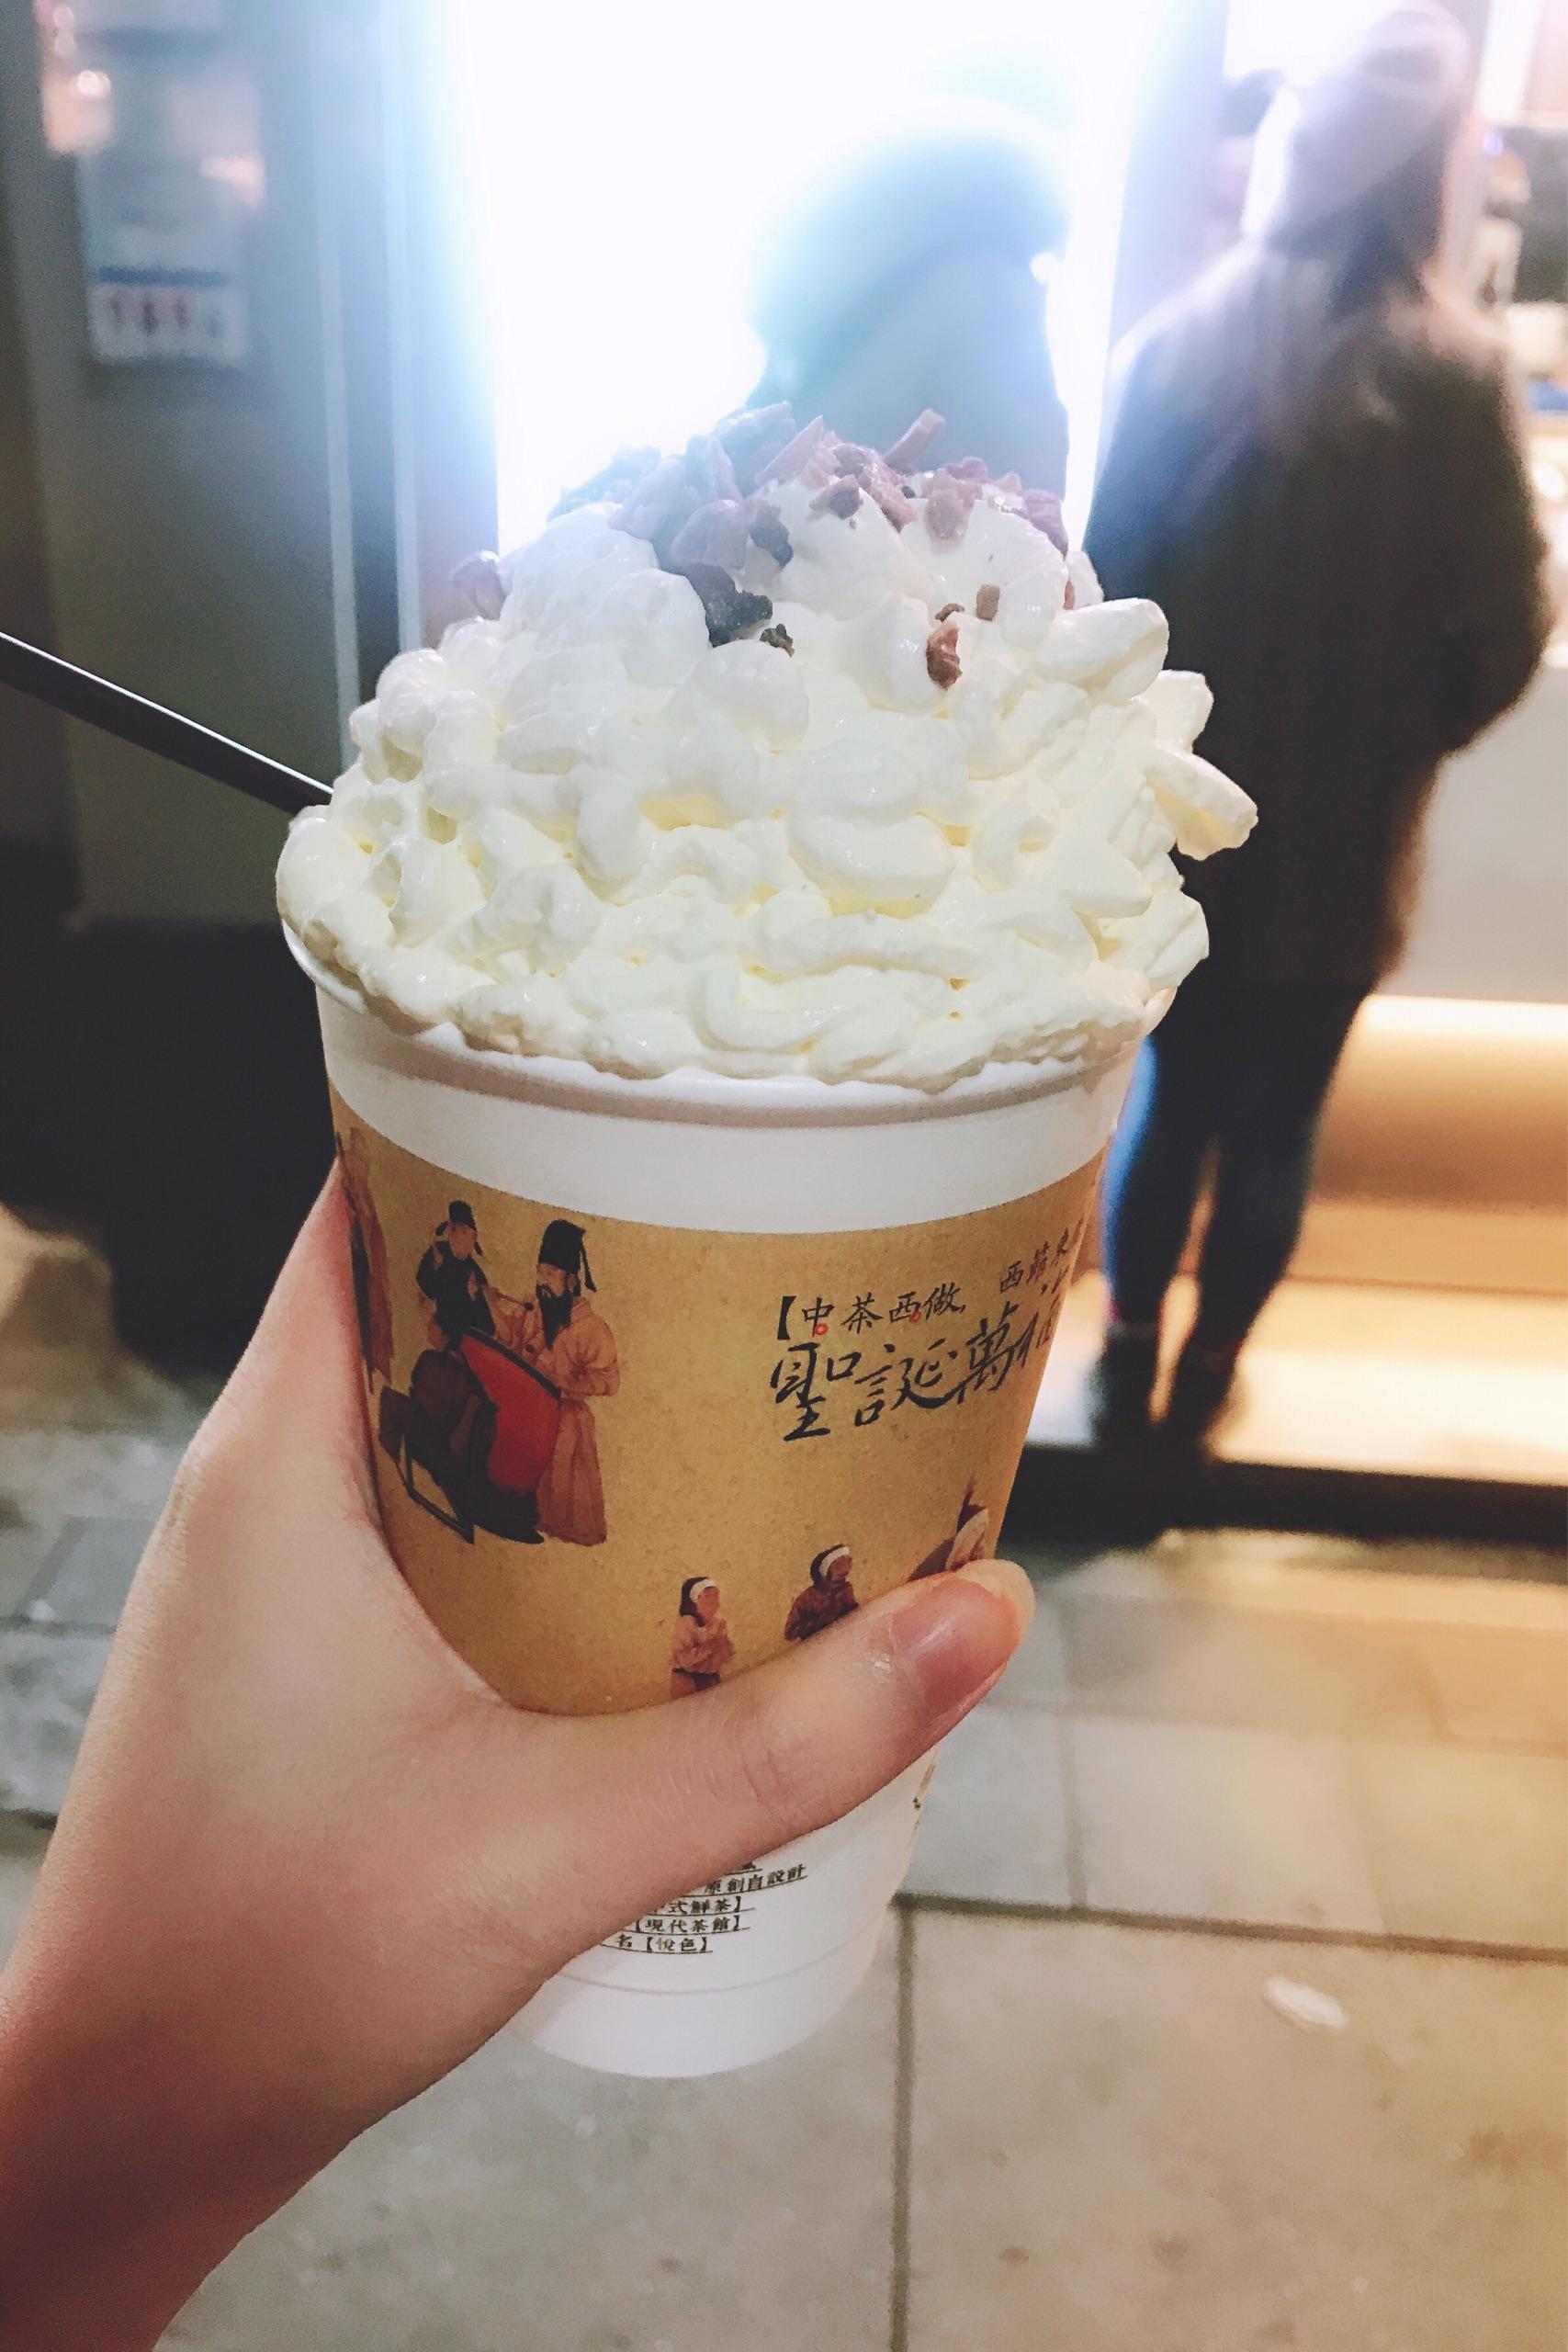 夏天_国内市面上哪种奶茶最好喝? - 知乎